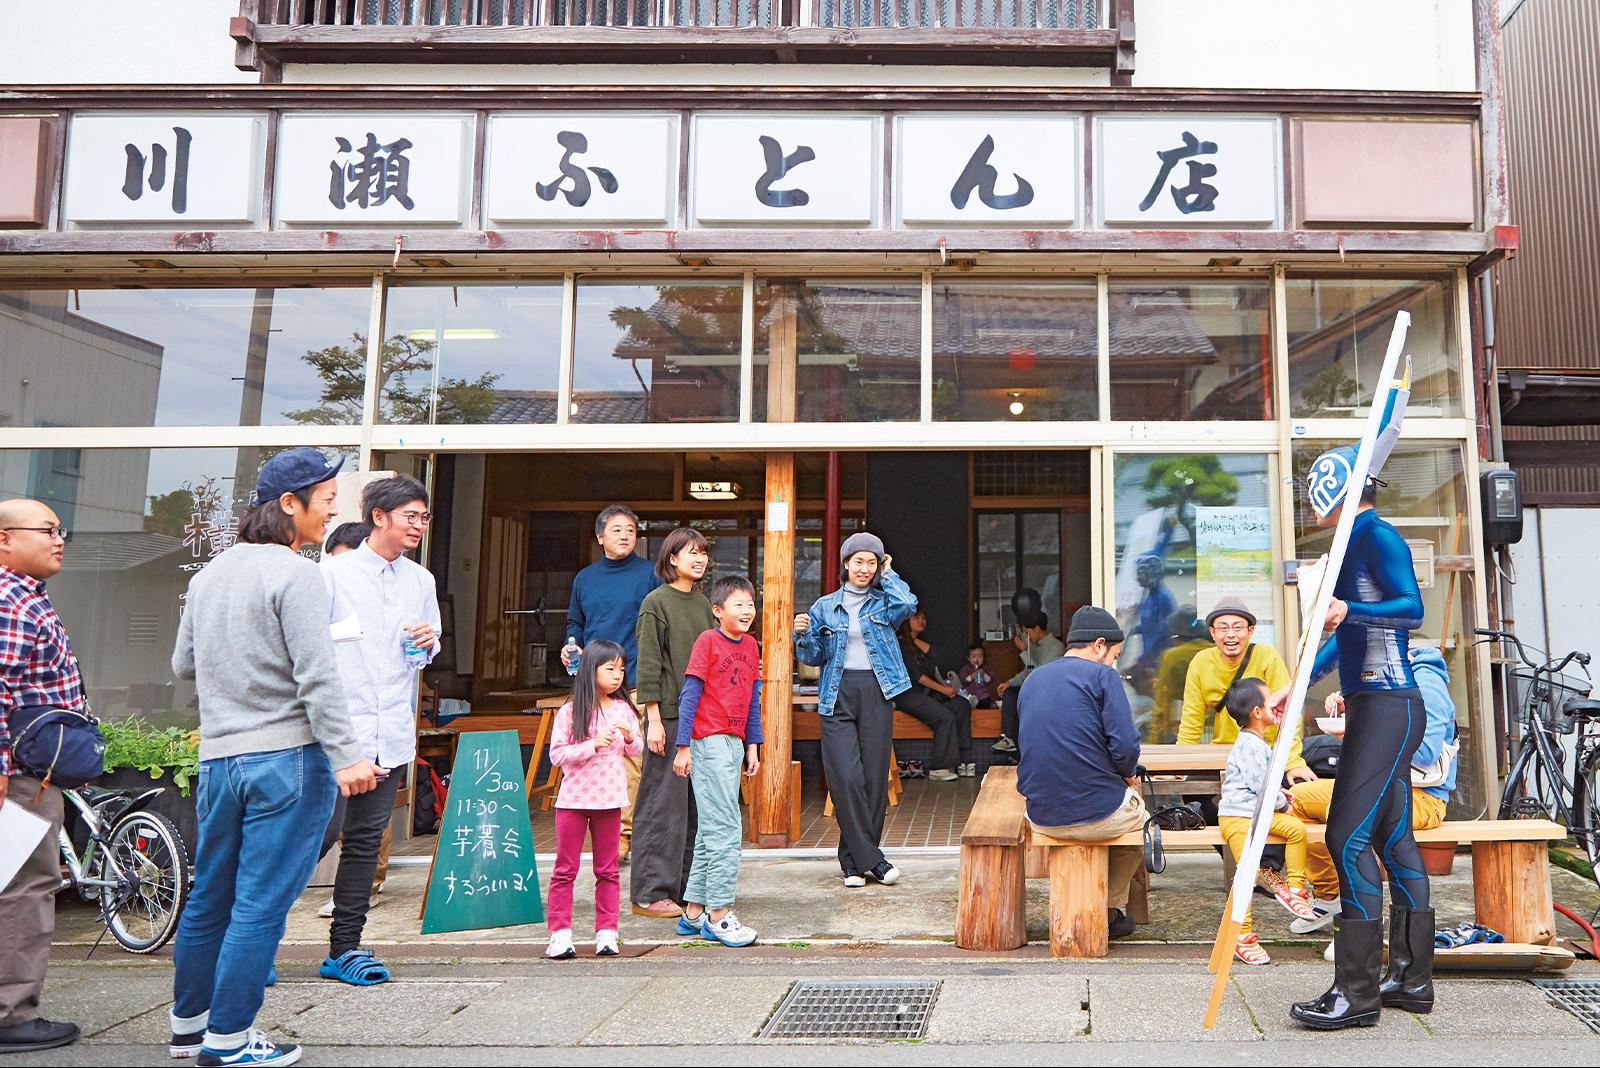 布団店だった建物を改装した地域拠点「横町スタジオ」。関西大学の学生たちが運営。